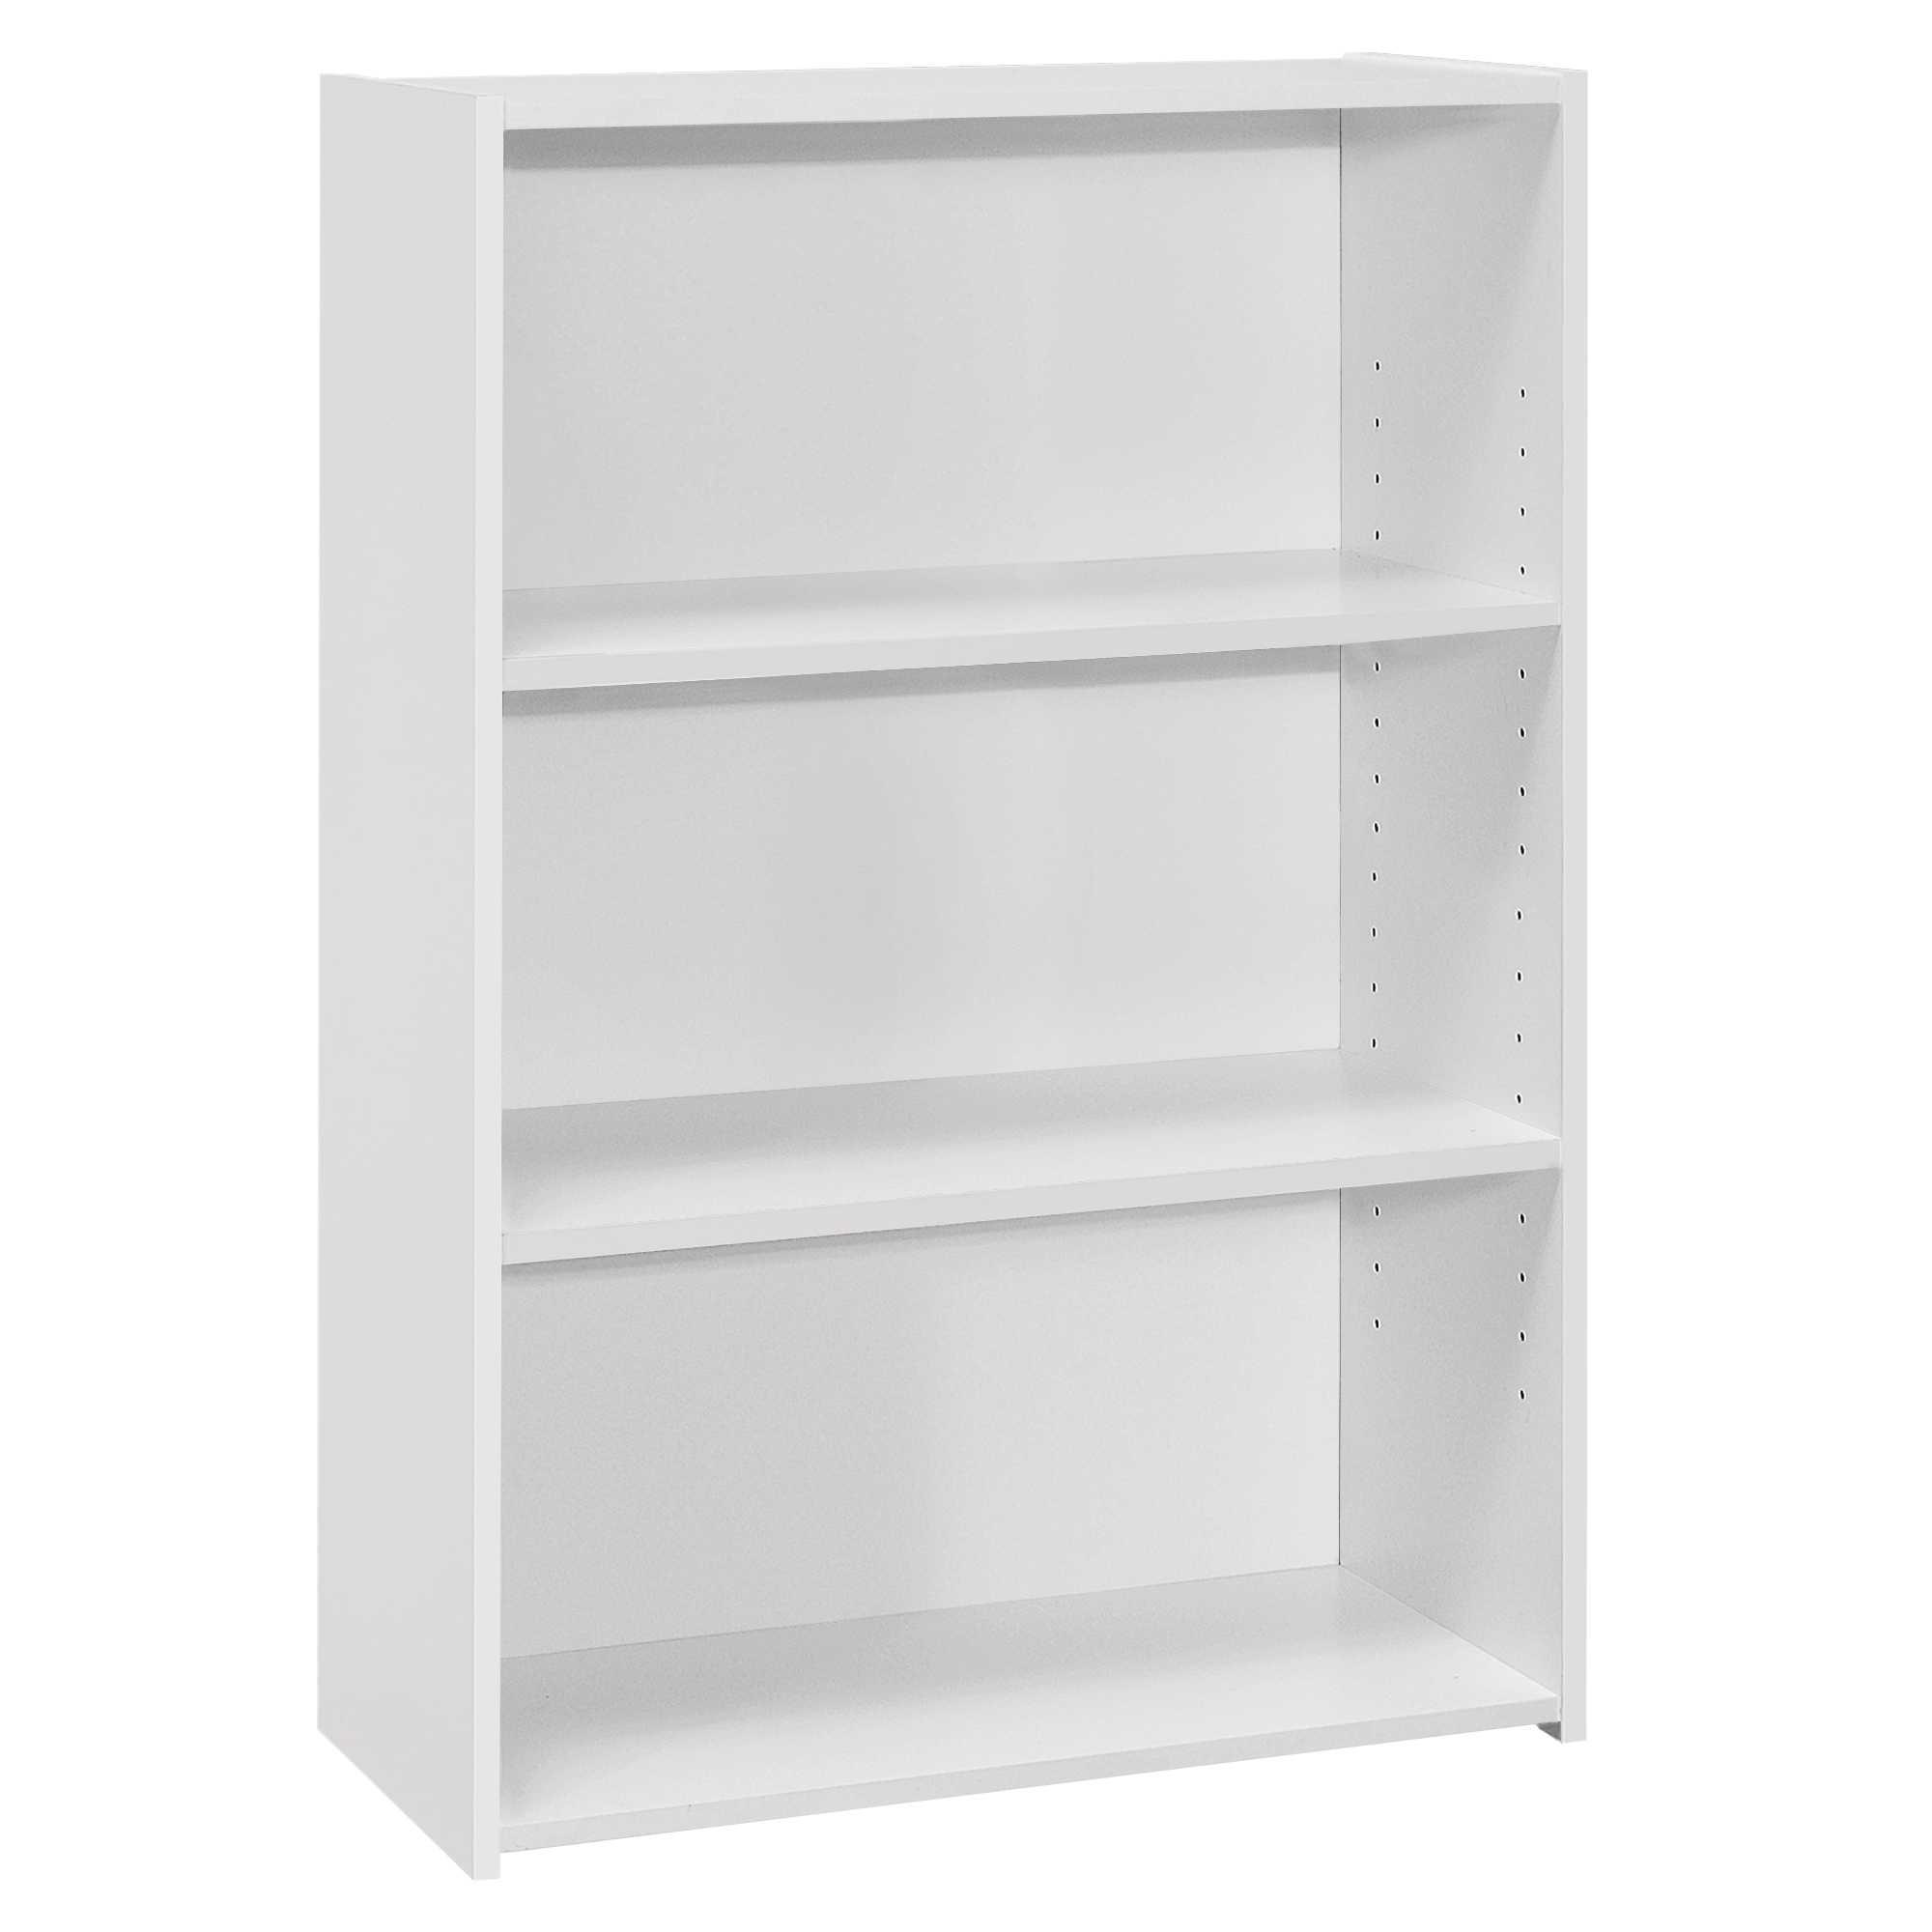 """11.75"""" x 24.75"""" x 35.5"""" White 3 Shelves  Bookcase"""